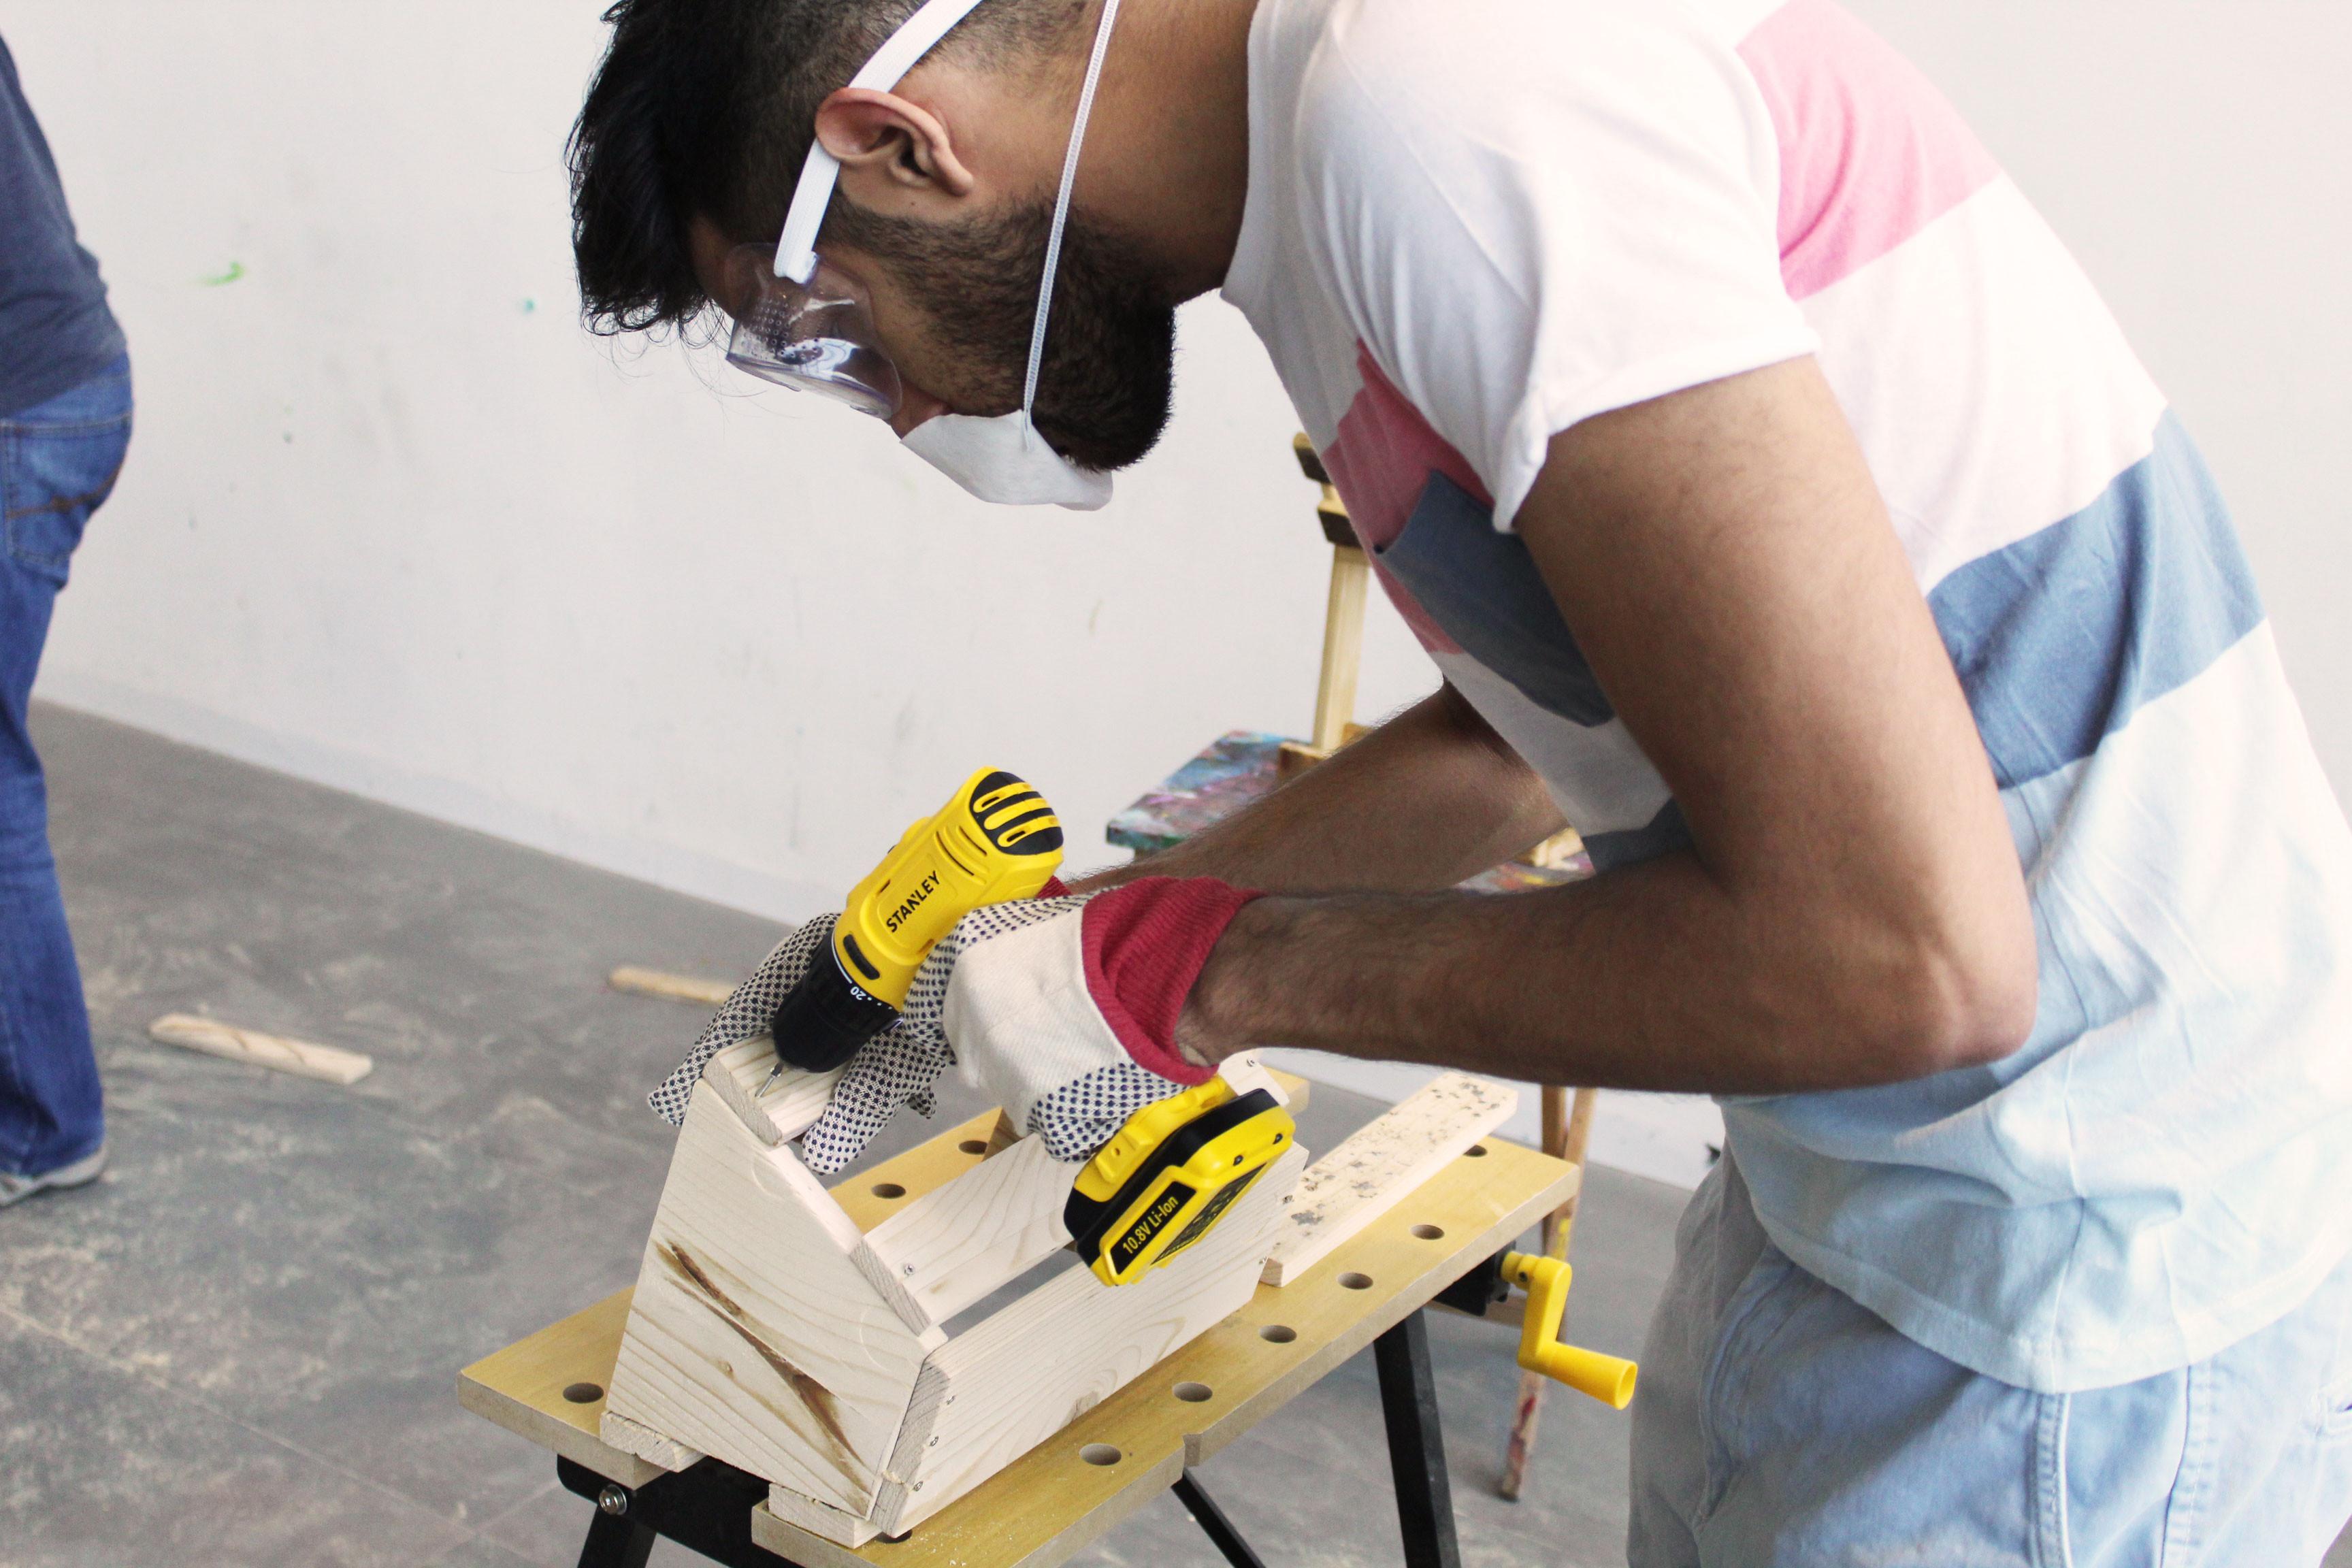 DIY Upcycled Furniture Making Workshop